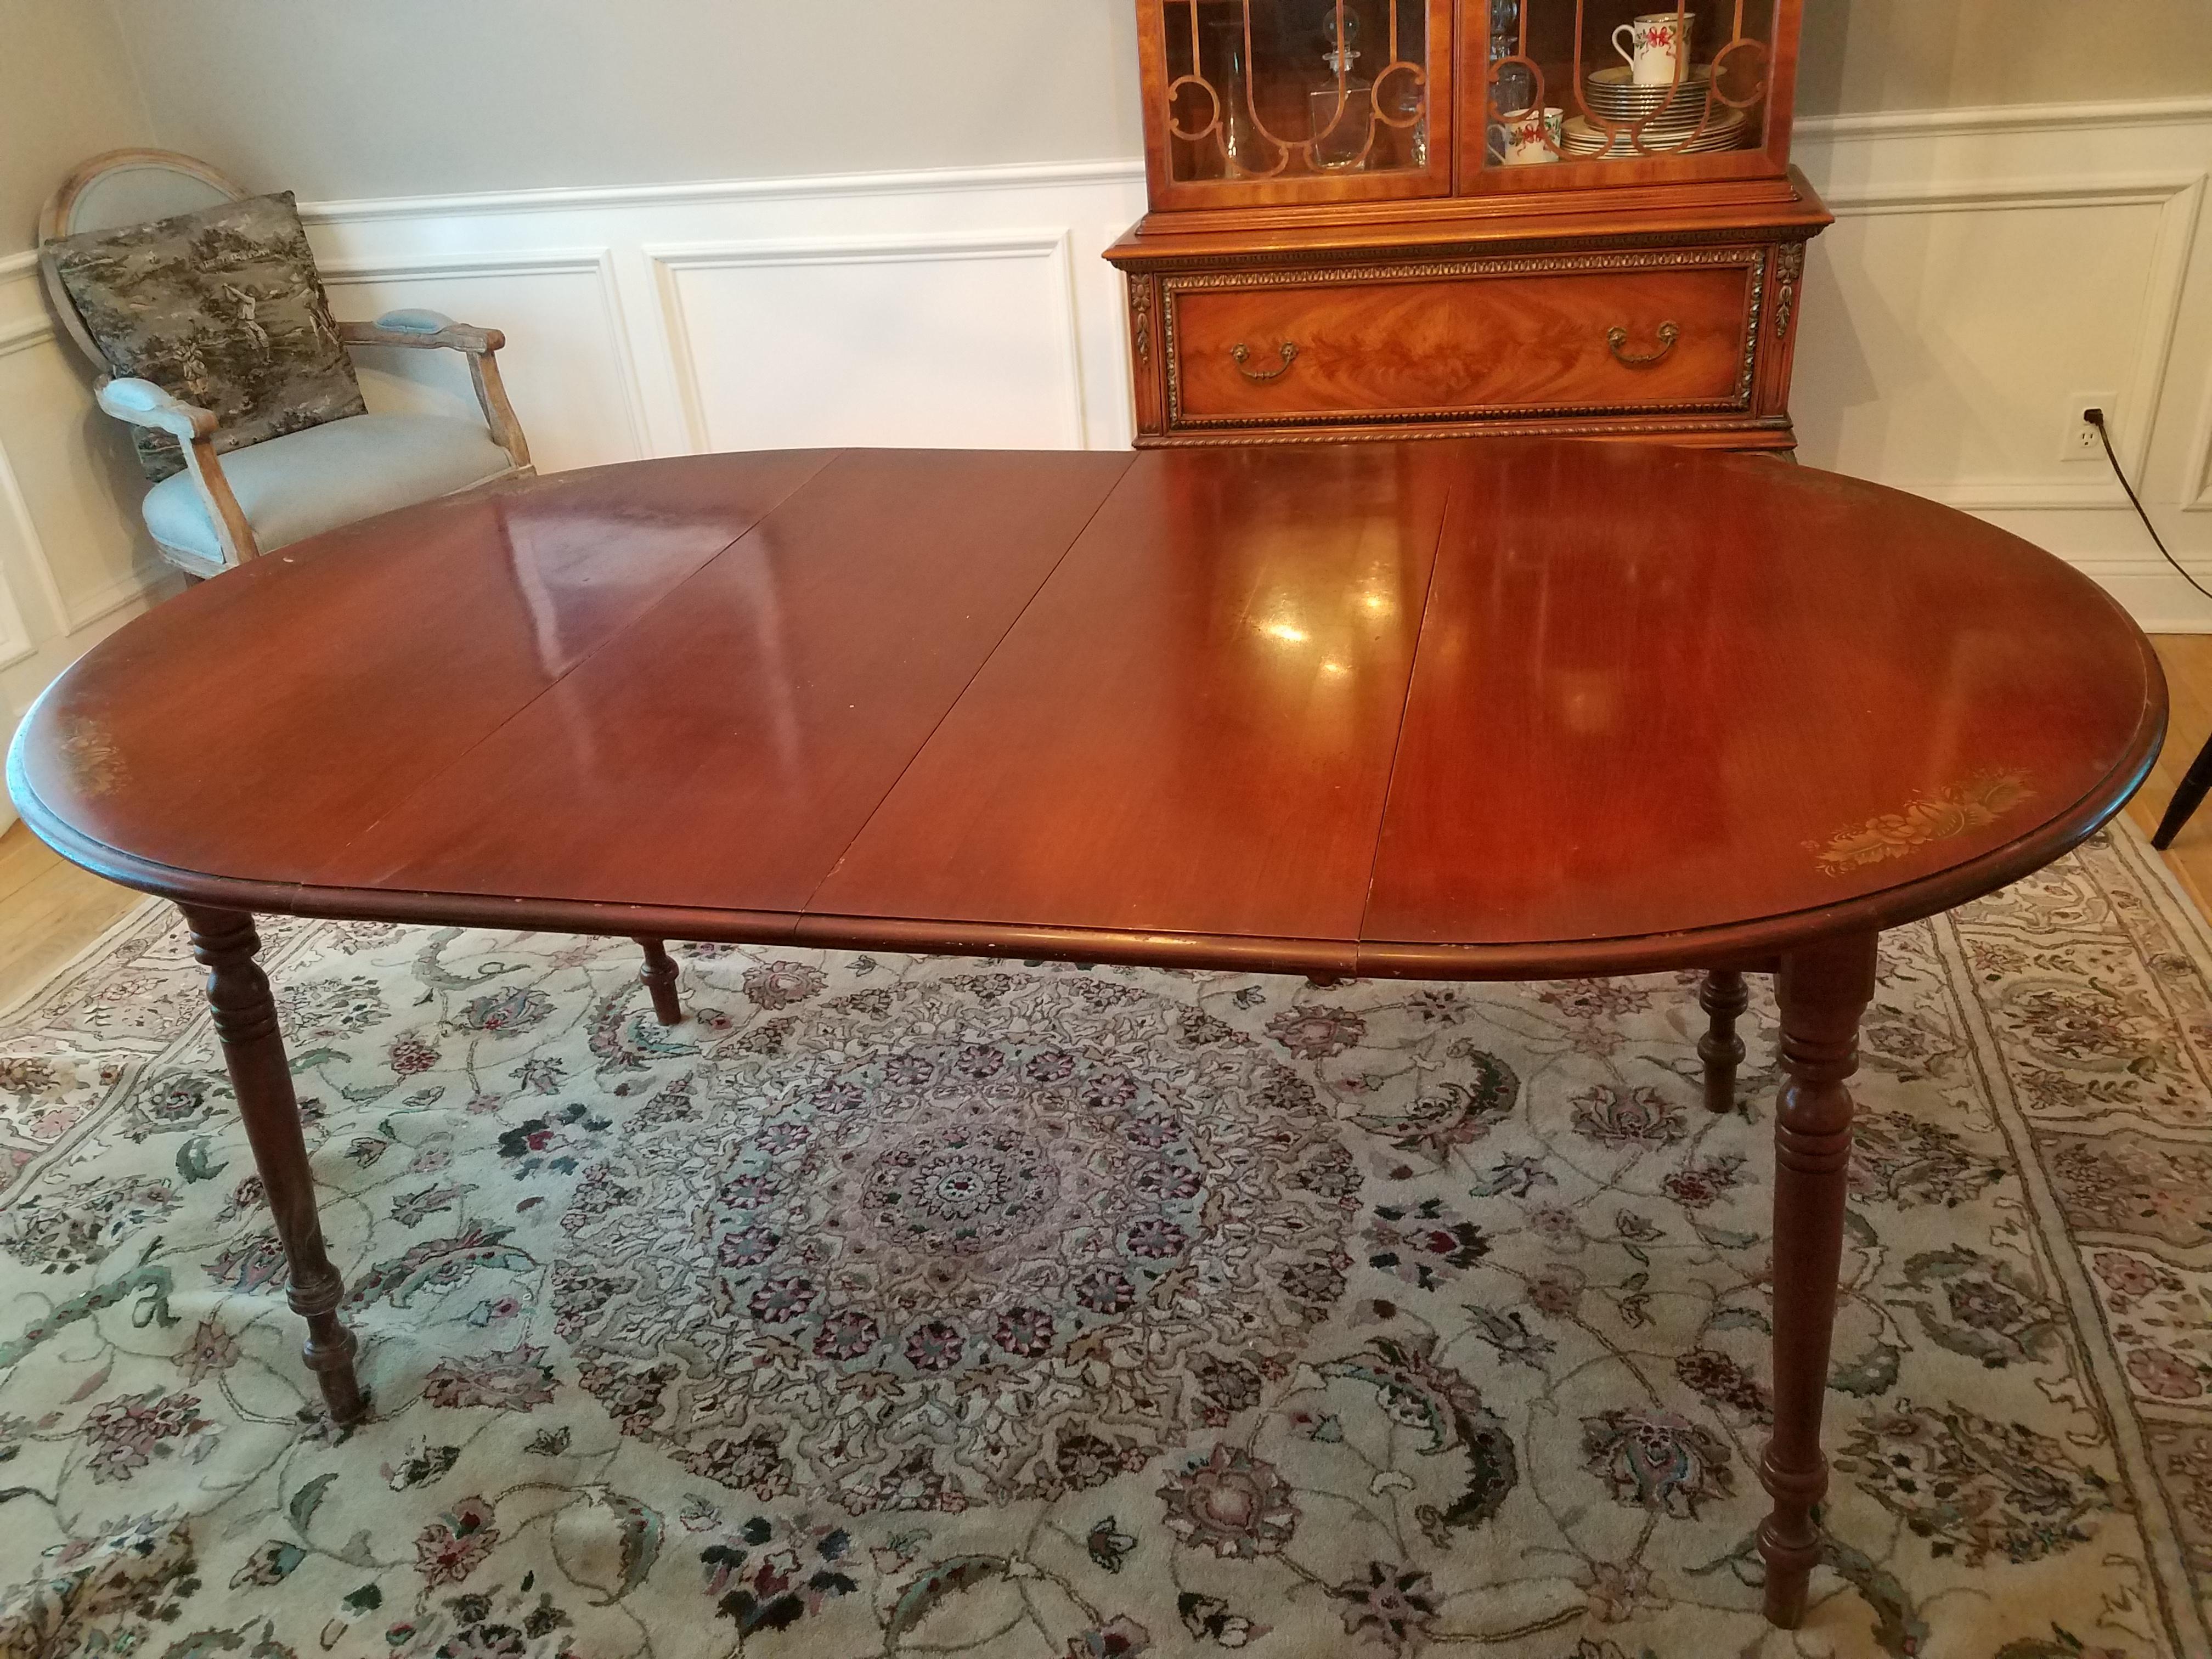 hitchcock furniture vintage cherry dining room set - set of 7